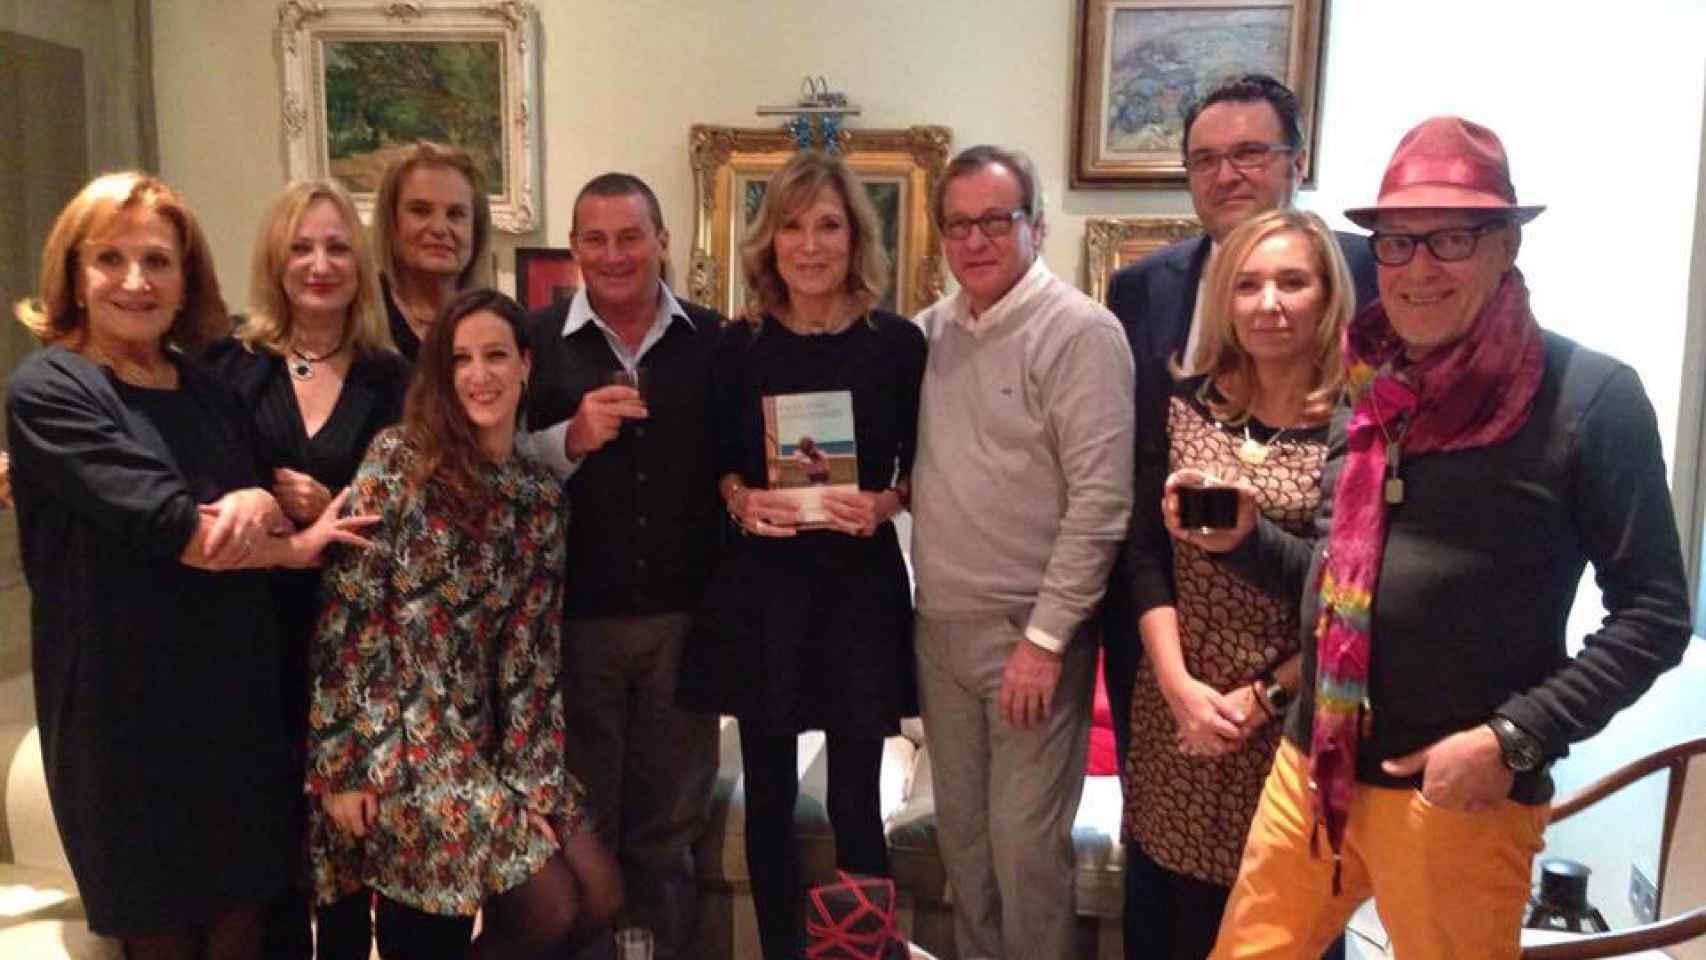 Pilar Eyre, en el centro con uno de sus libros, rodeada de sus amigos de Llafranc.